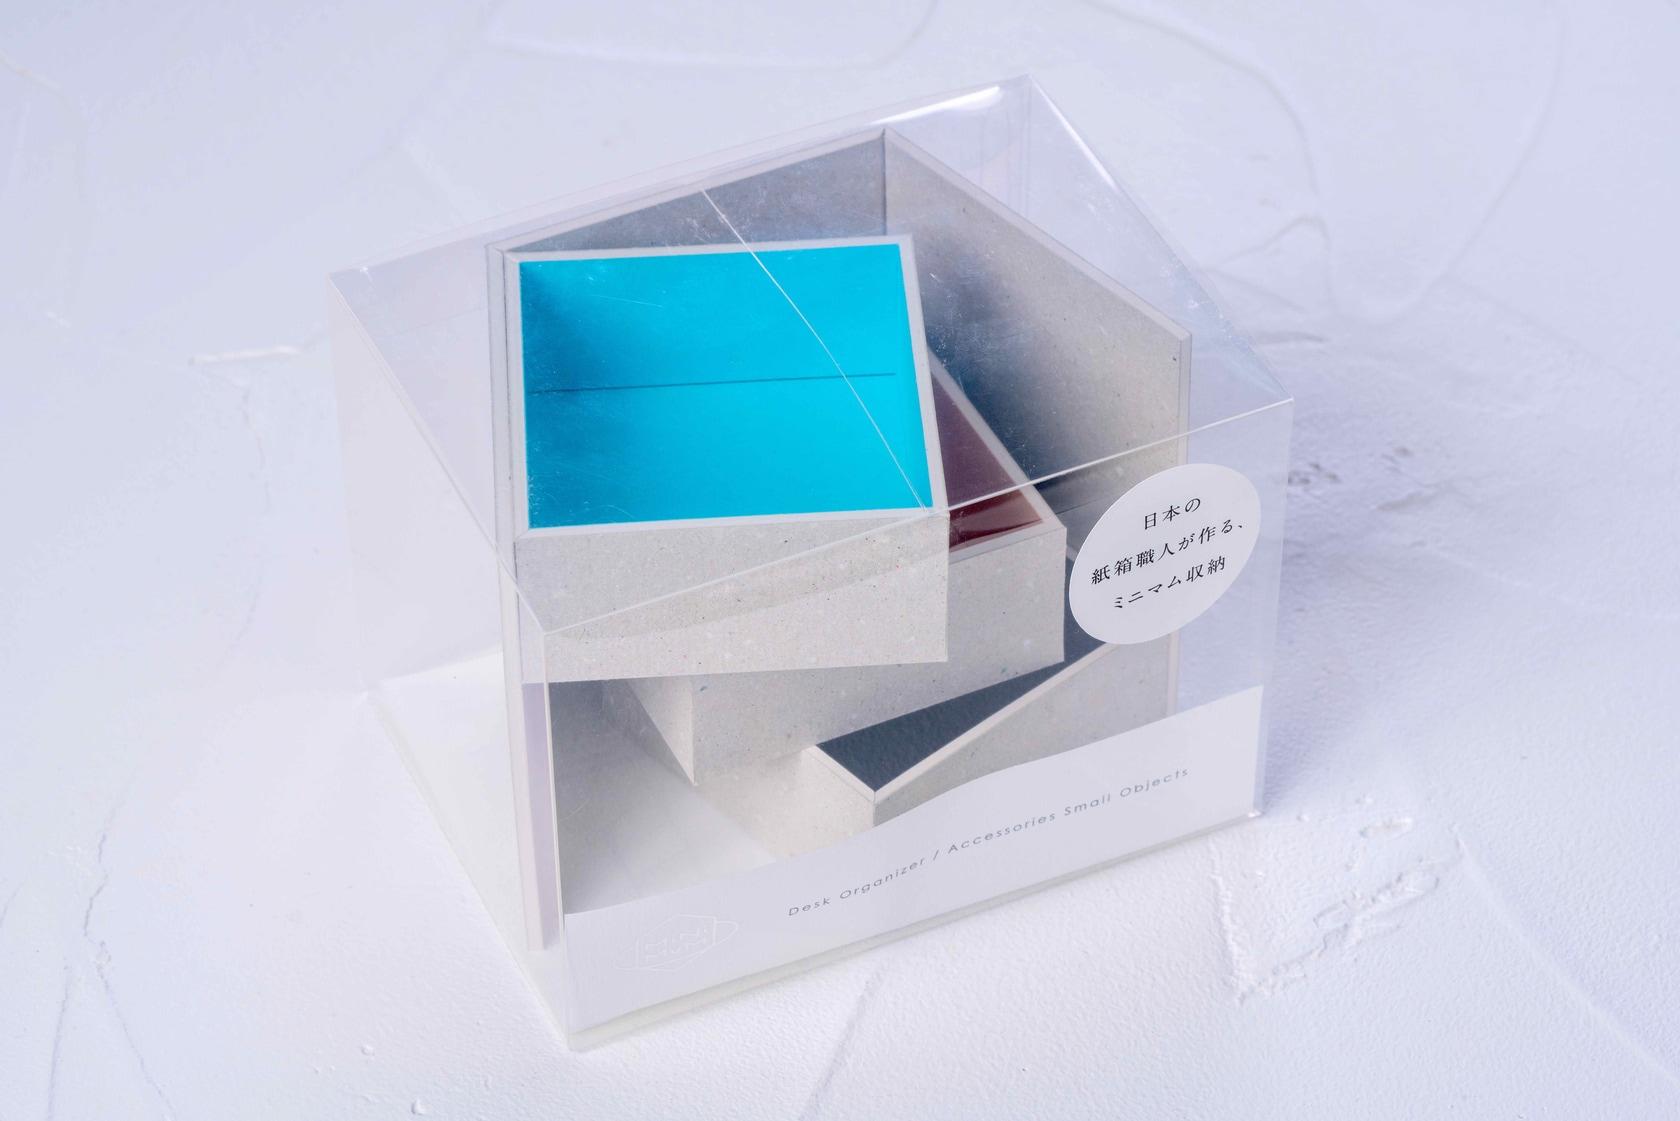 モリタのMiNiMuM Space BOX-2(グレー)のパッケージ